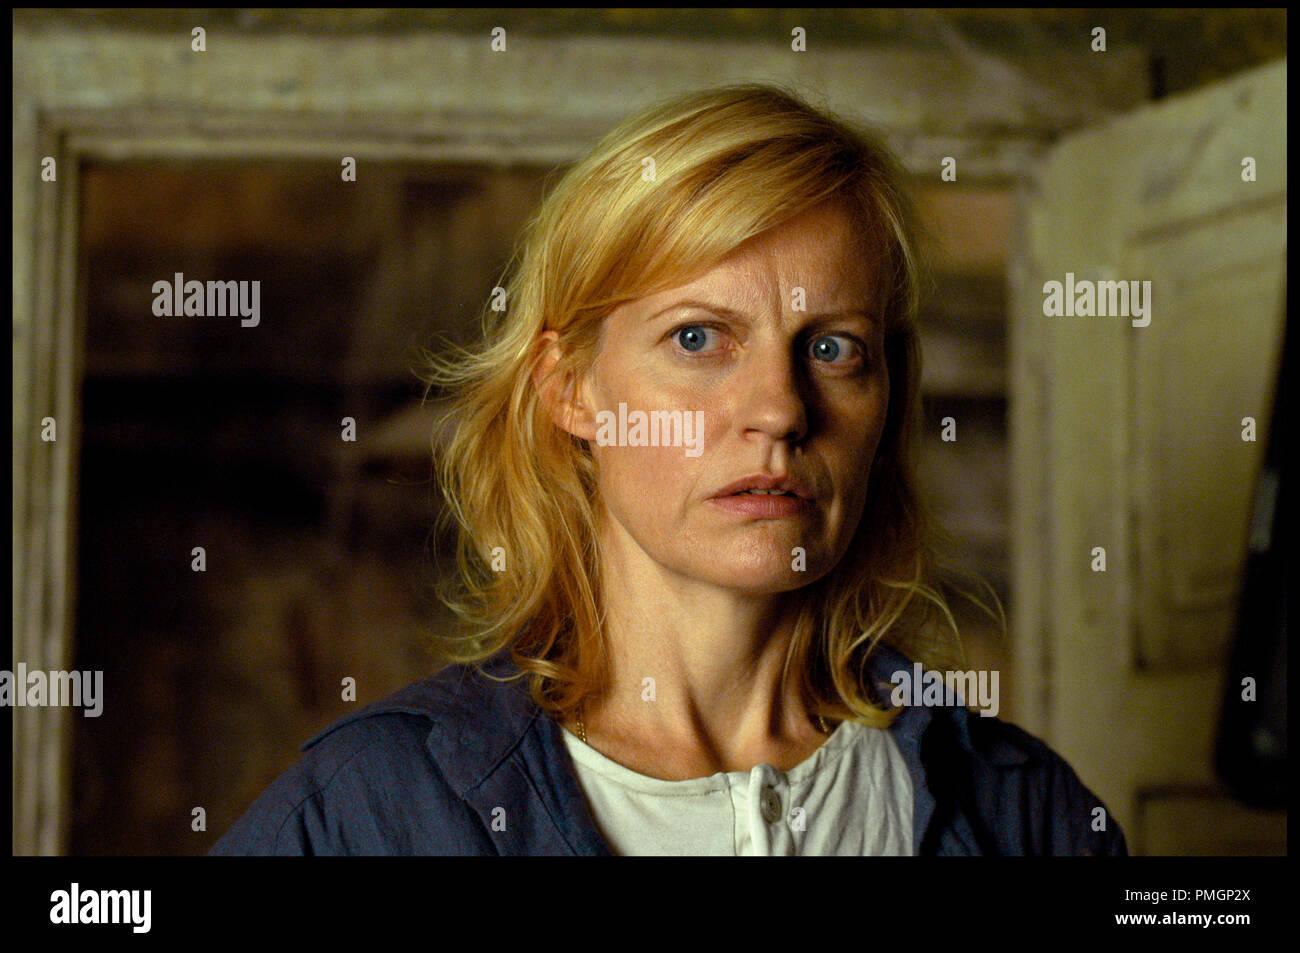 Anastasia Hille Anastasia Hille new pics